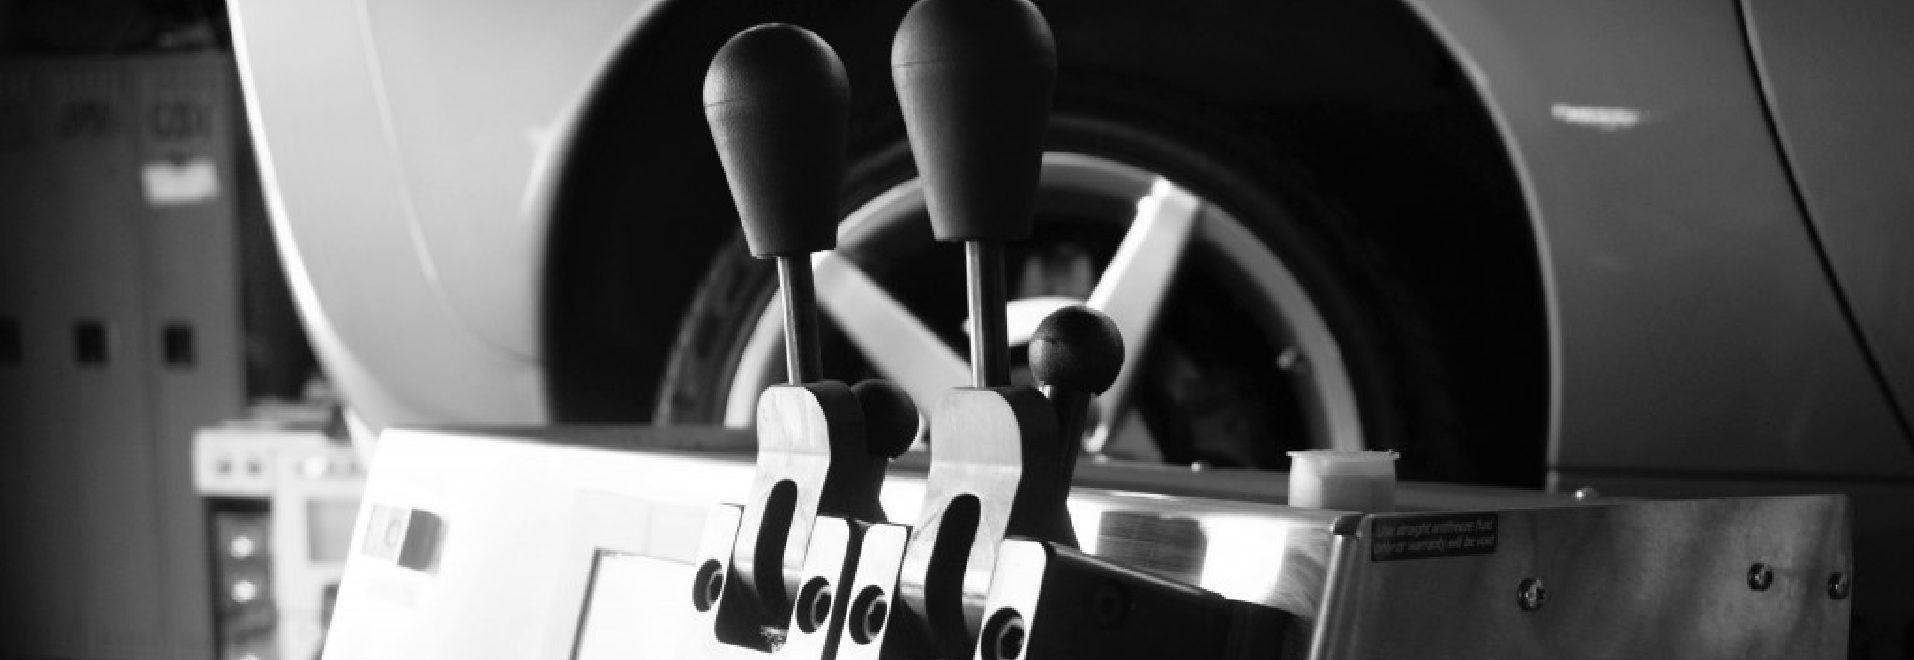 Power Steering & Fuel Lines